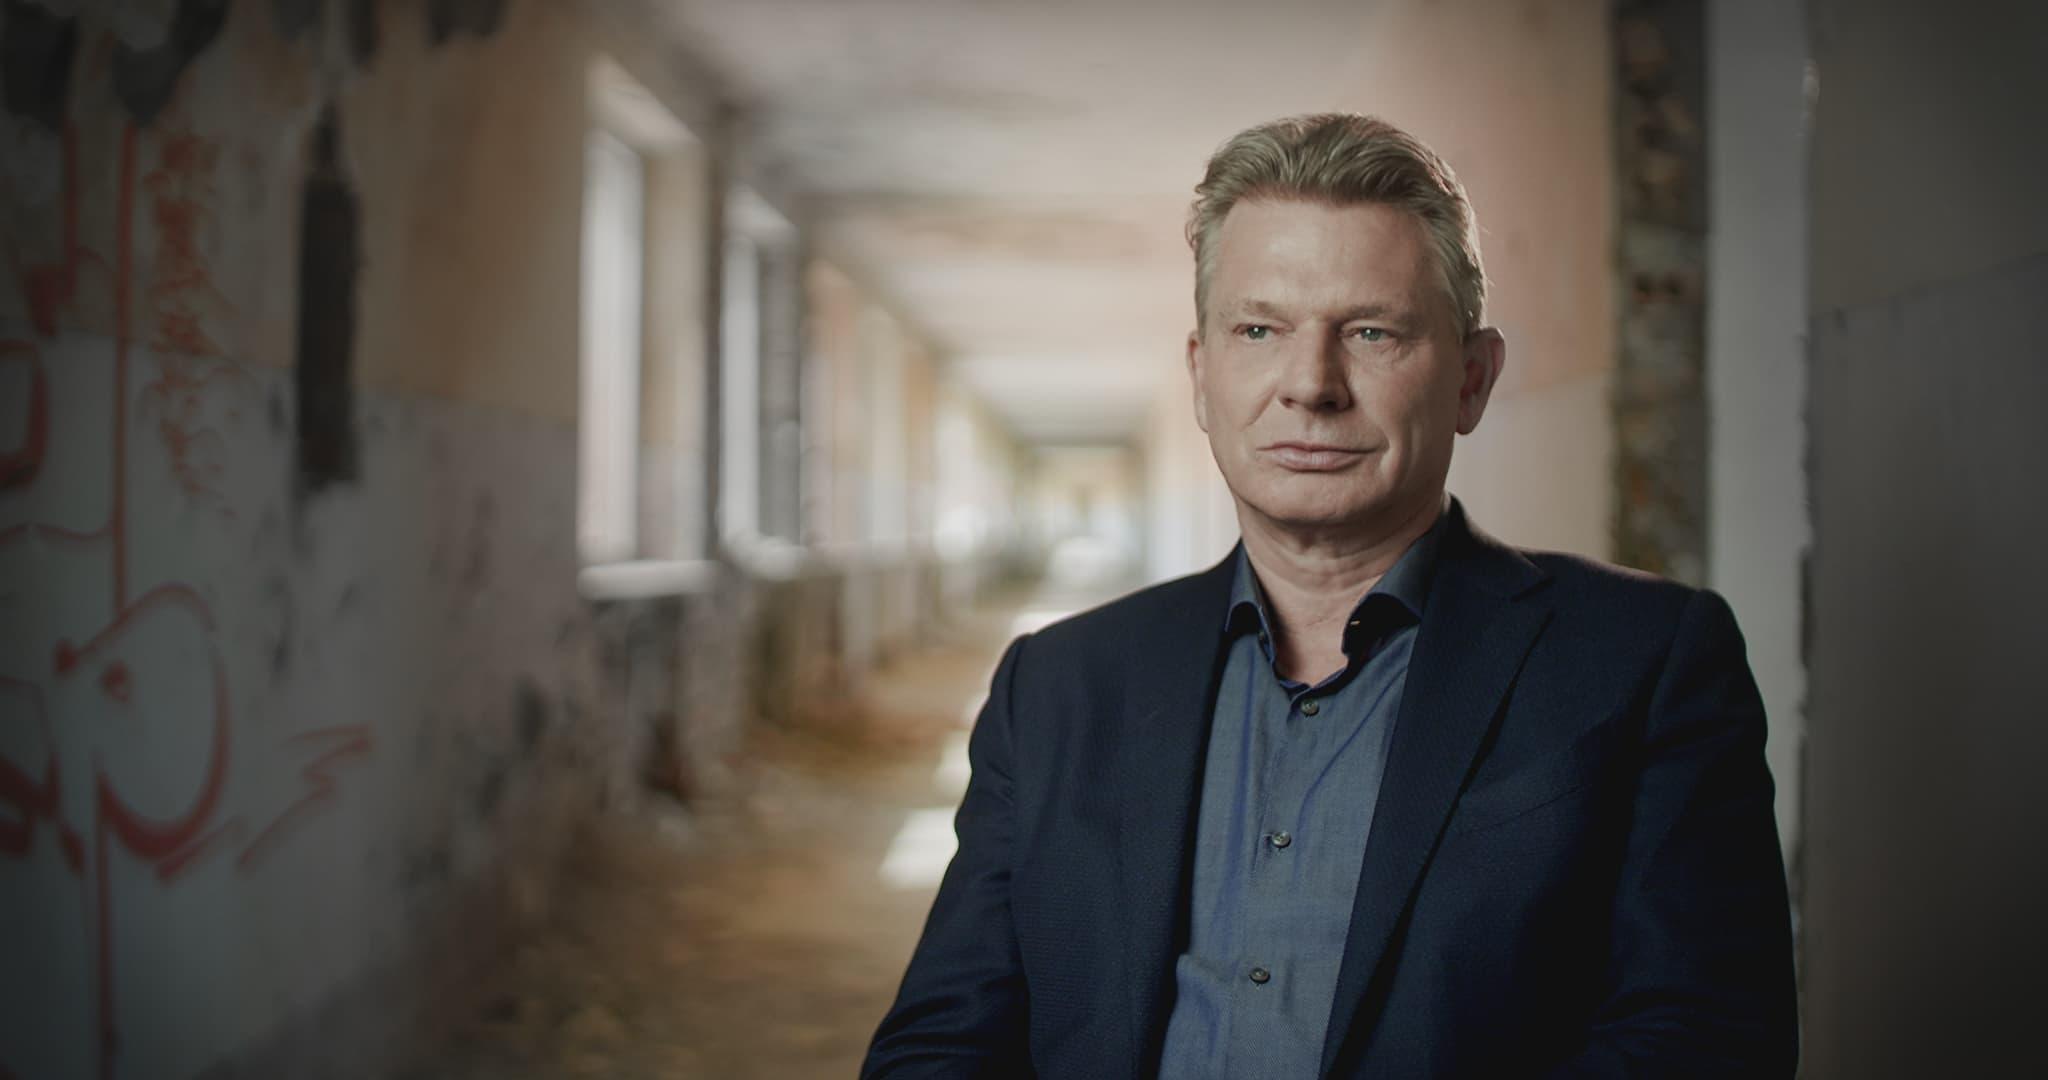 Immobilie-Projektentwickler Ulrich Busch im Interview. © NOW Collective.